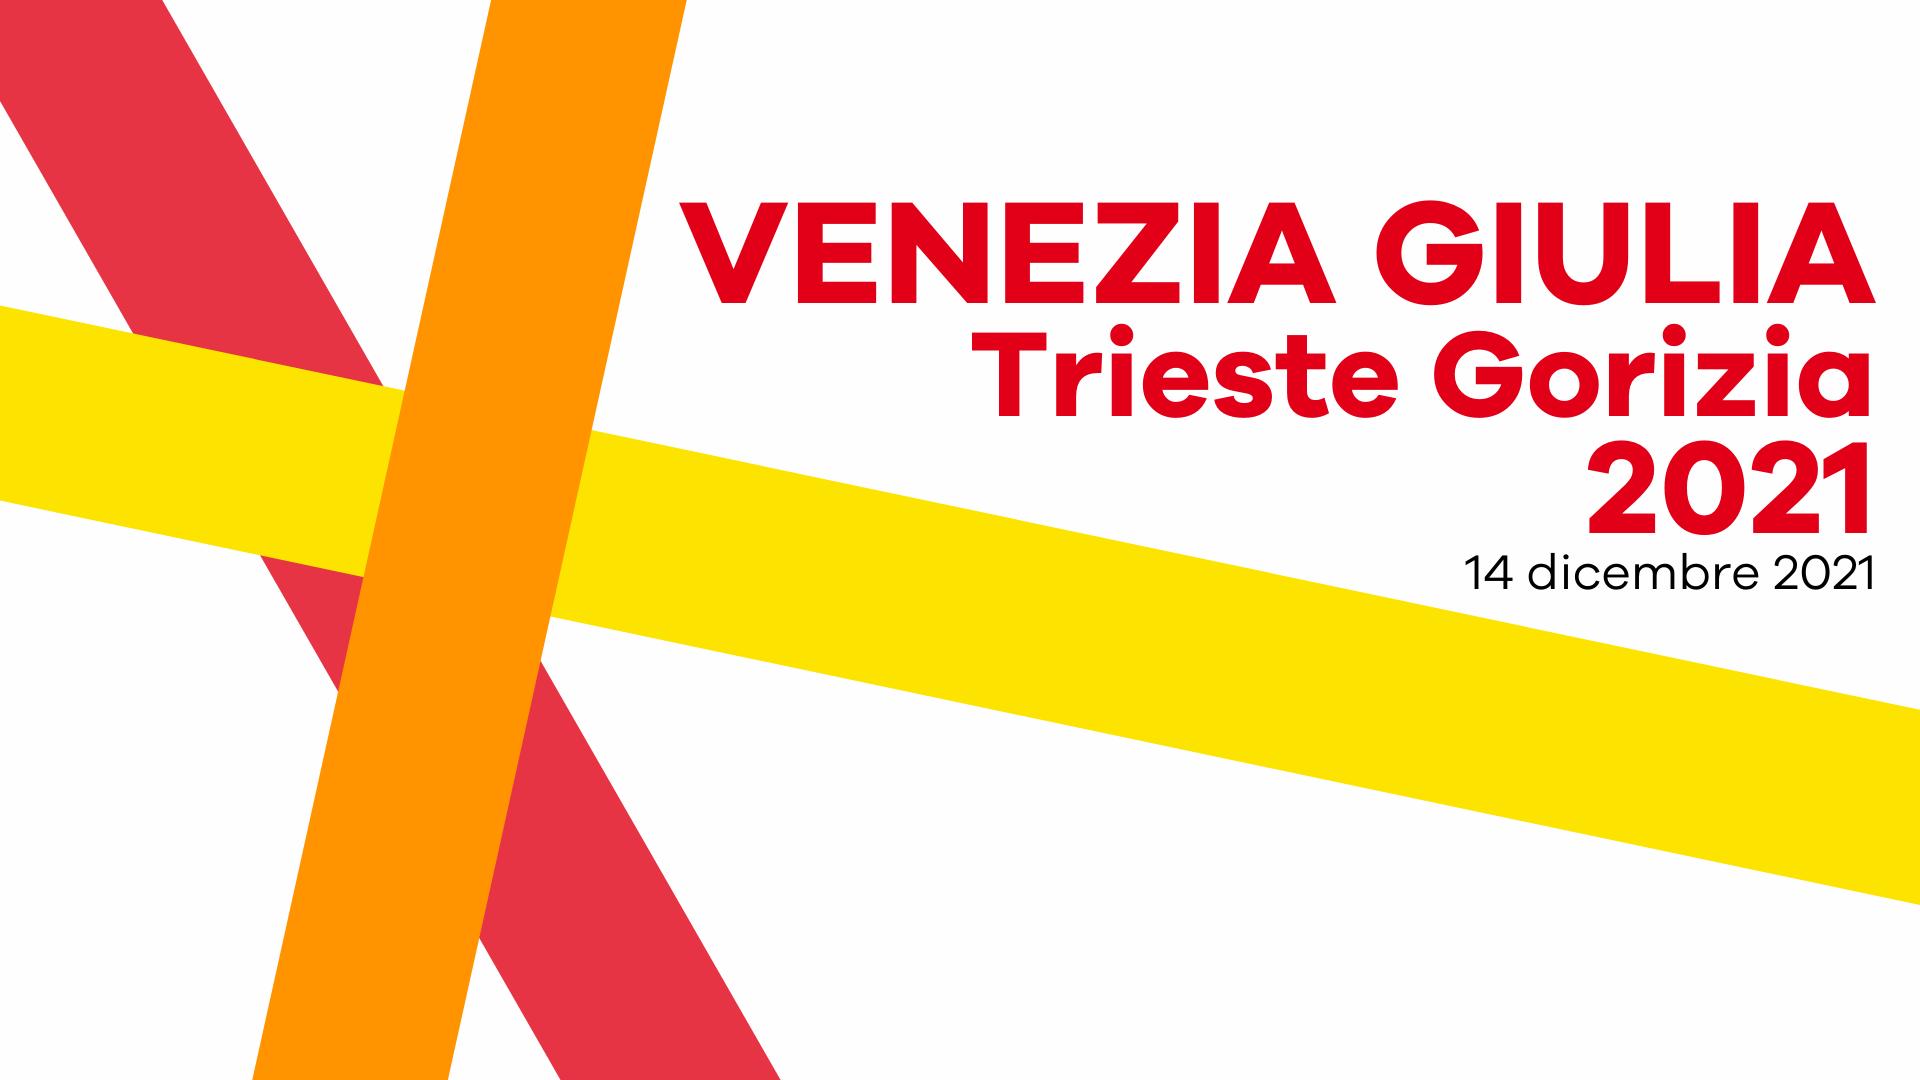 VENEZIA GIULIA 2021 Online